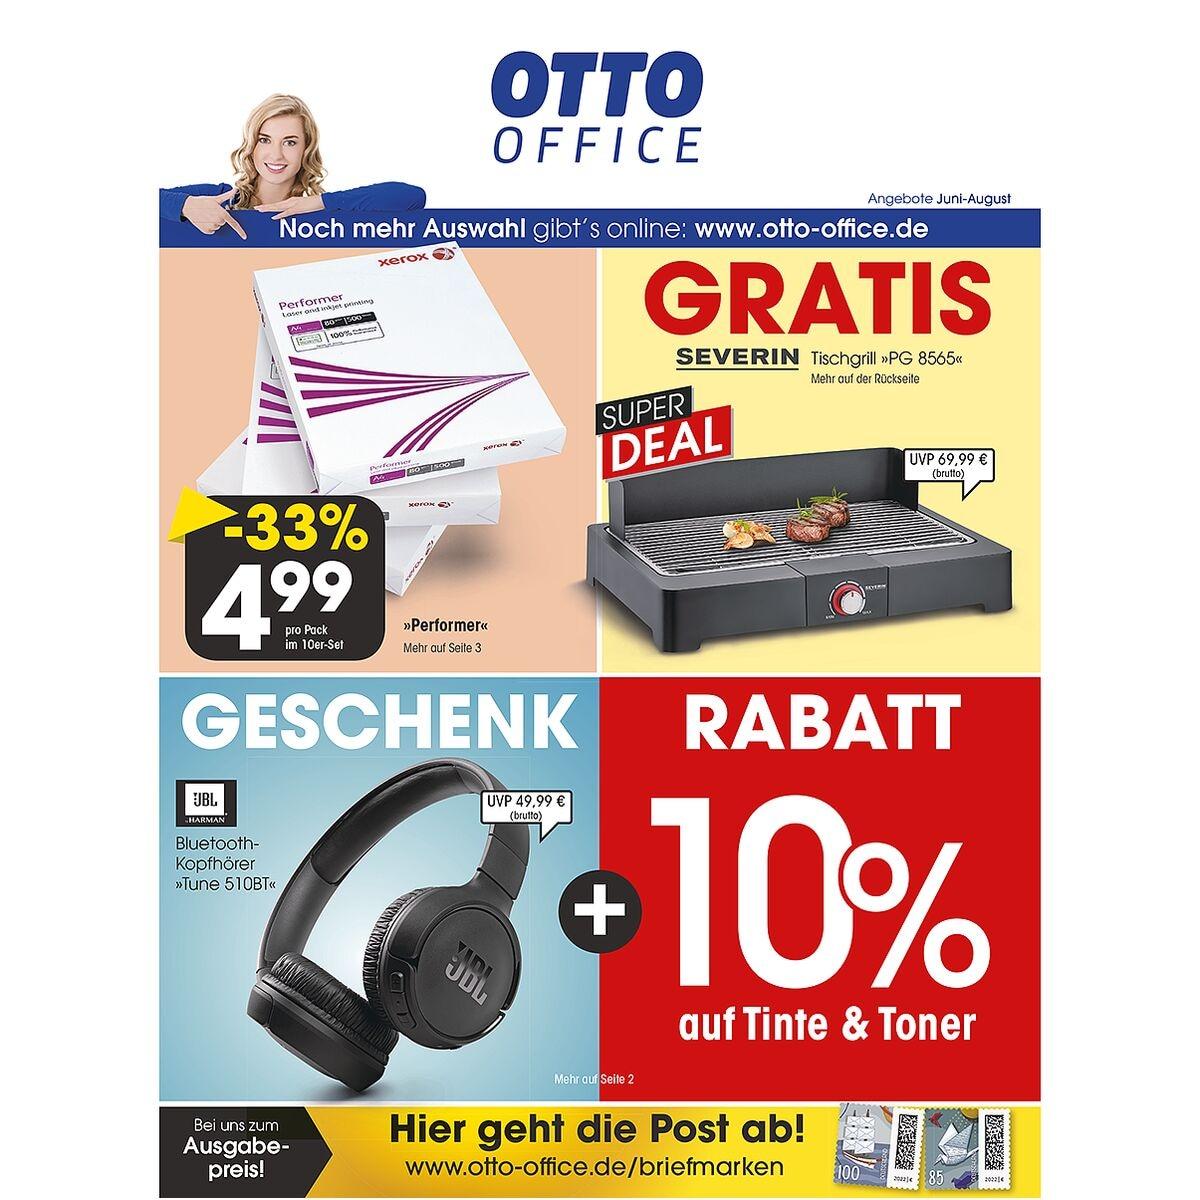 OTTO Office Hauptkatalog - Bei OTTO Office günstig kaufen.